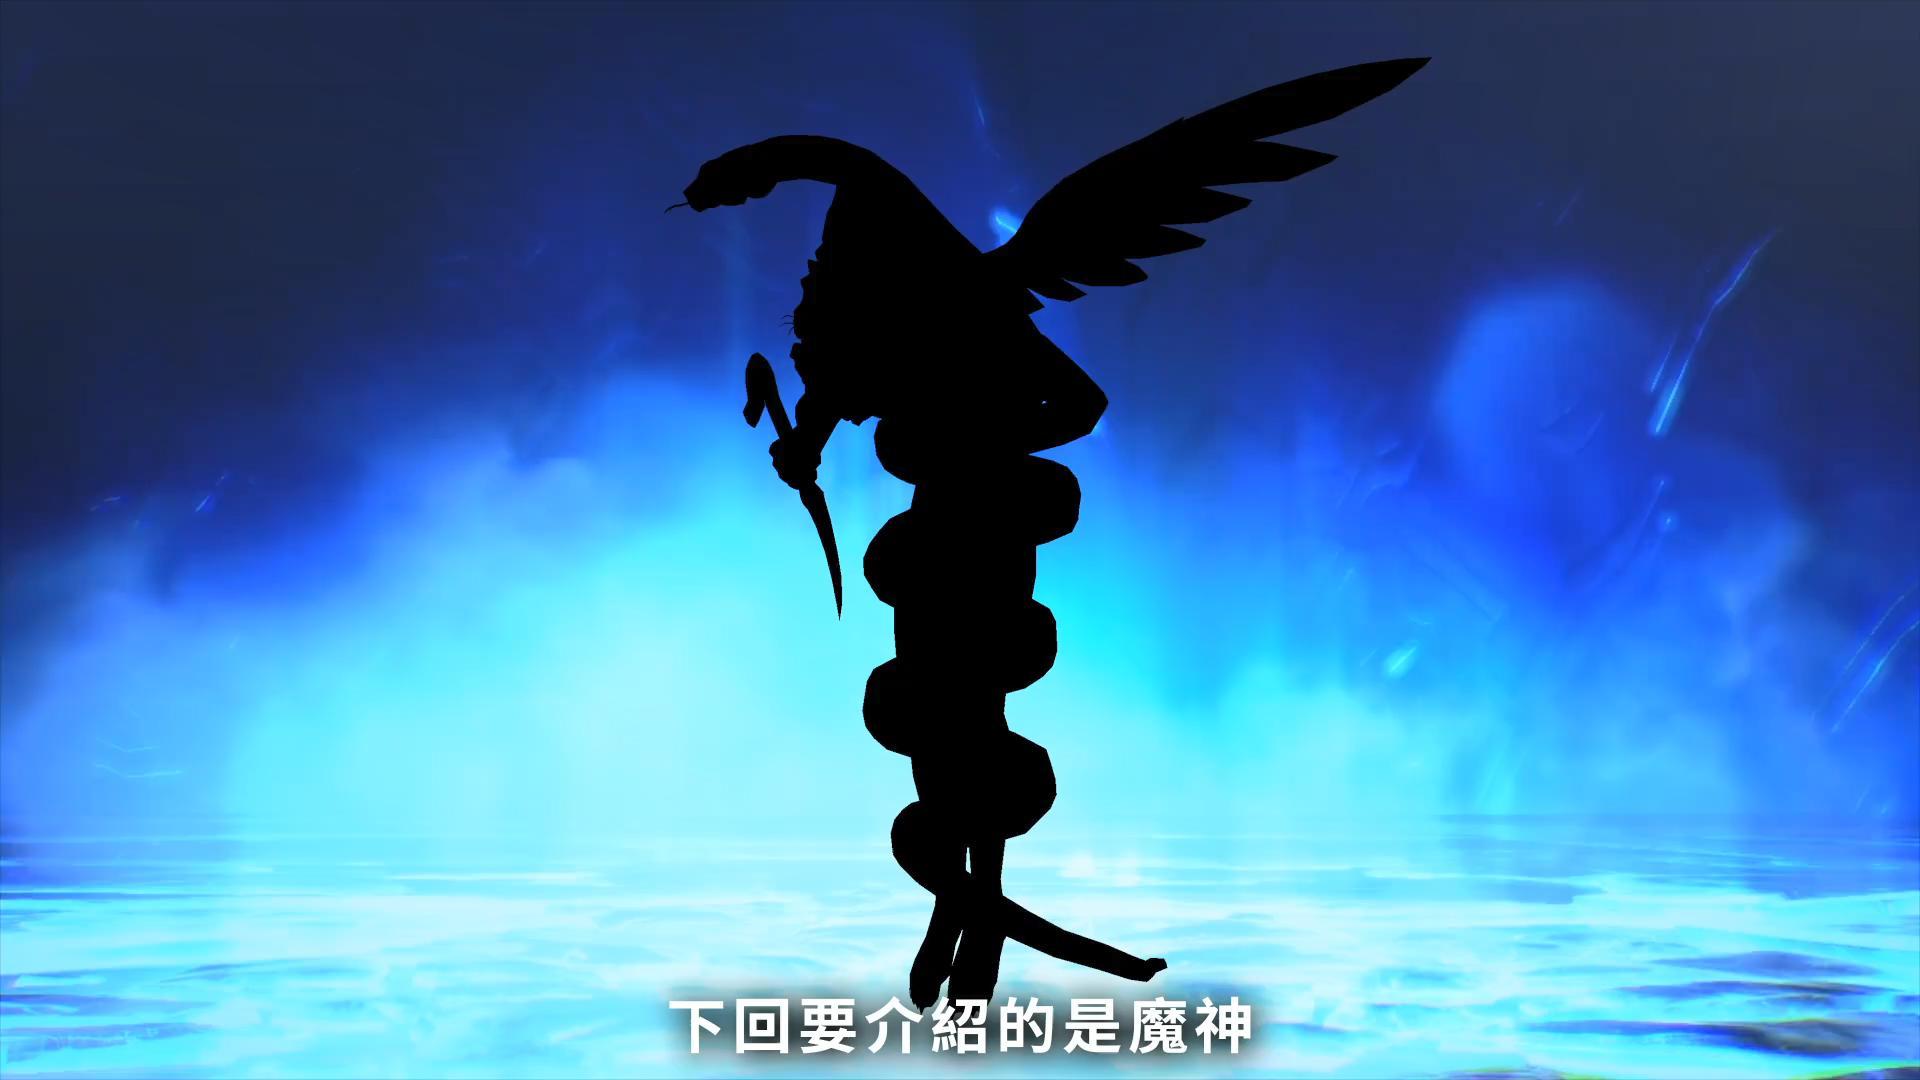 《真女神转生5》恶魔介绍:被魔女所信仰的羊头恶魔巴风特